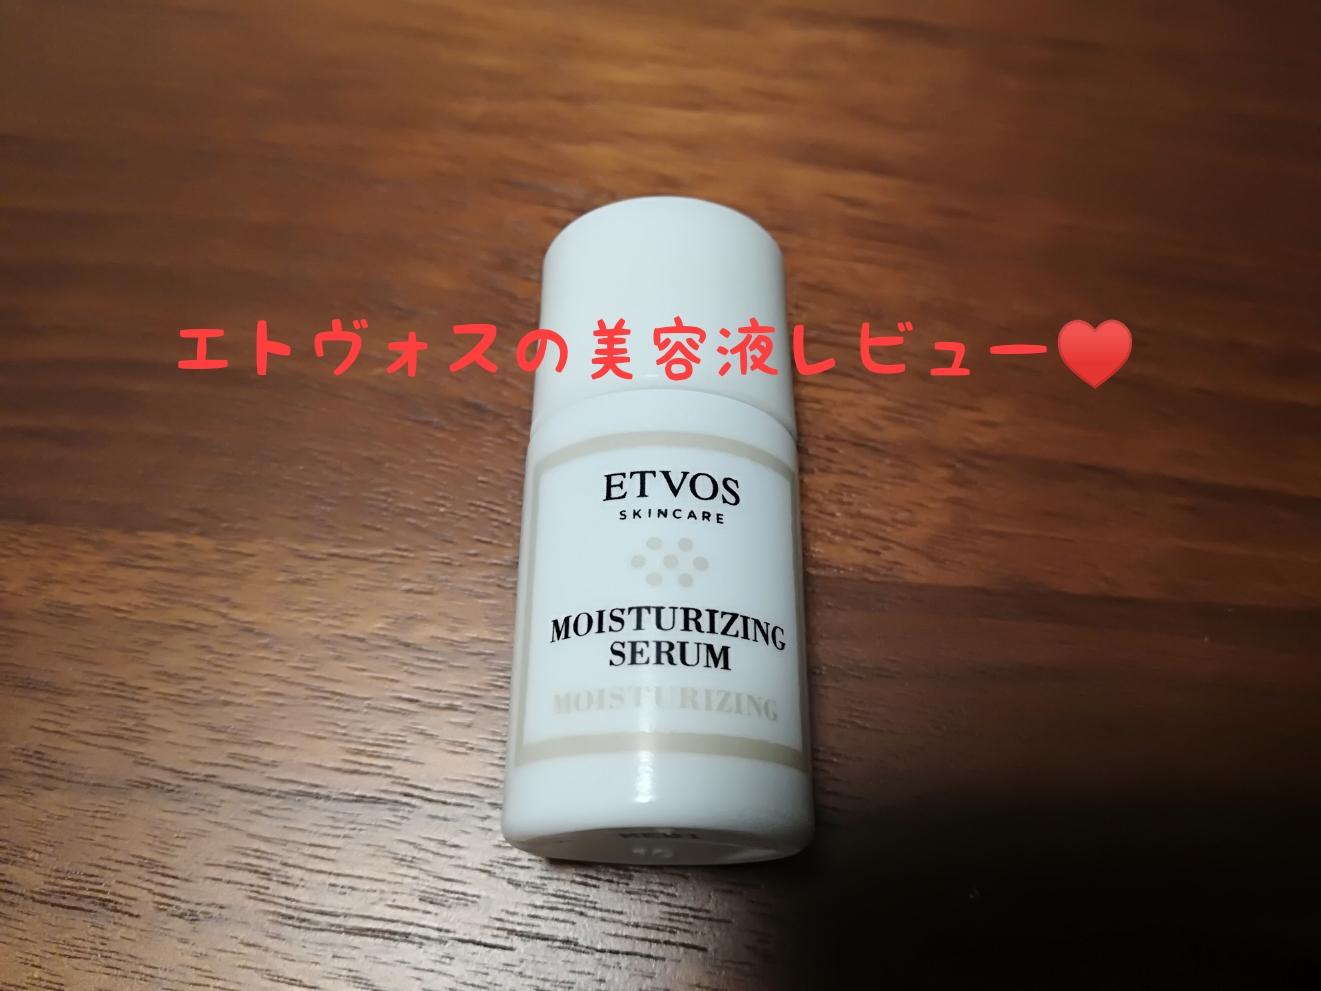 エトヴォスの美容液